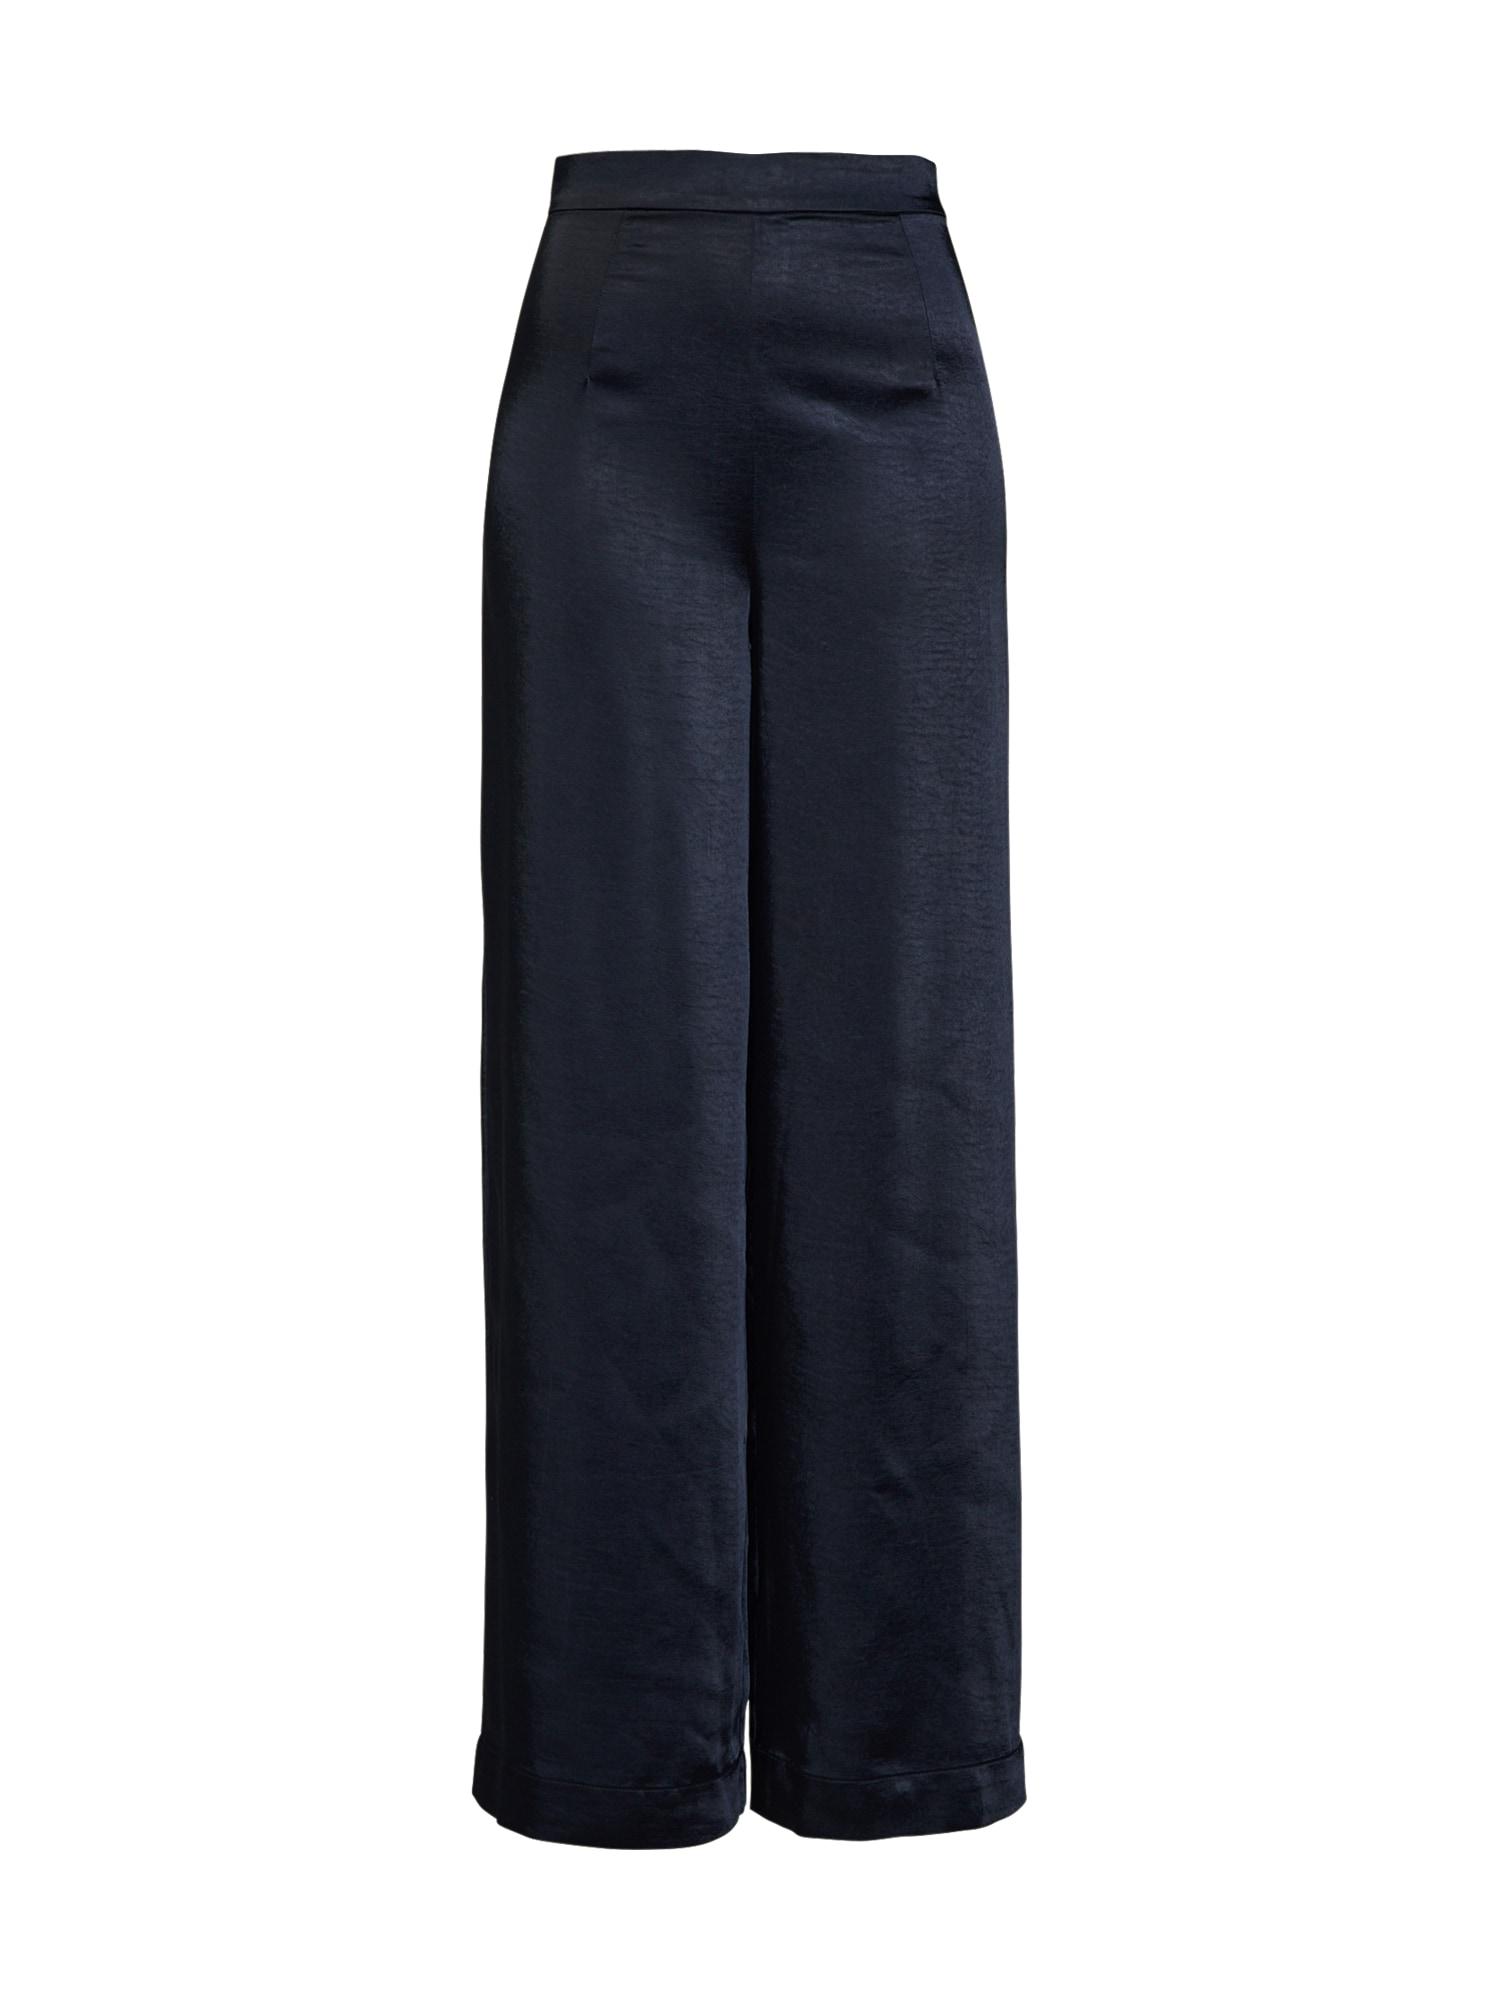 Kalhoty Liara tmavě modrá EDITED